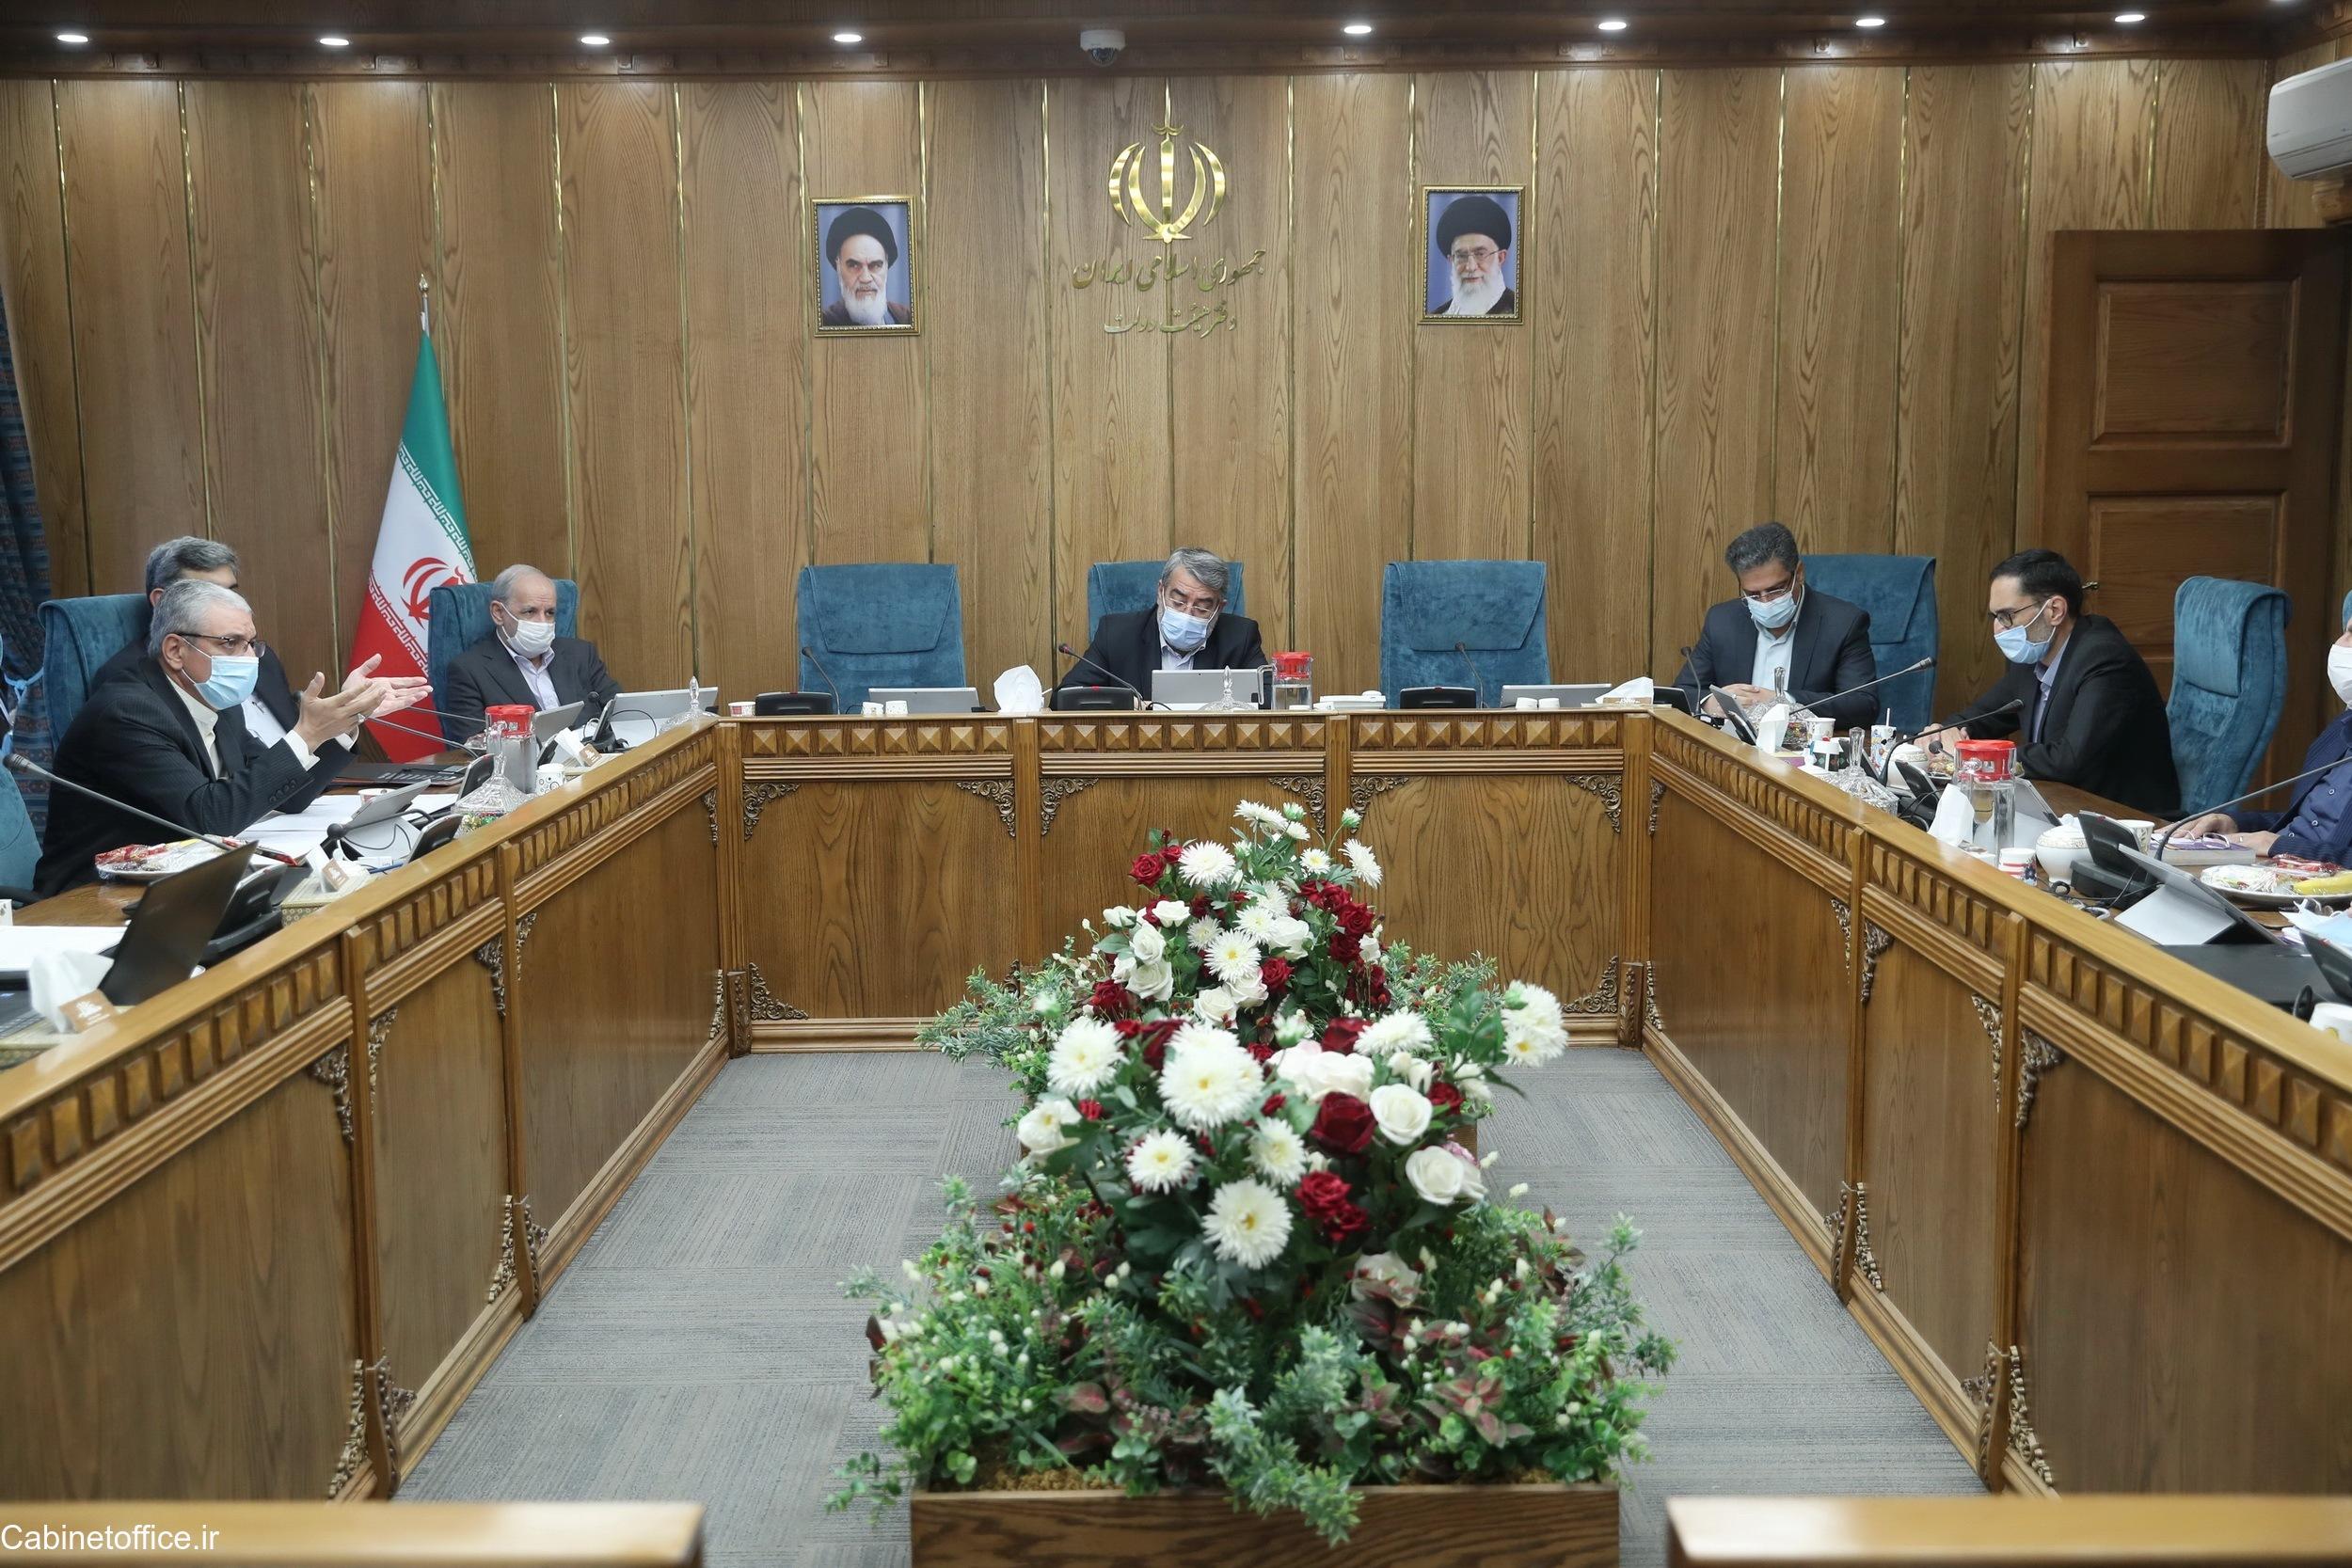 برگزاری جلسه اصلی کمیسیون سیاسی و دفاعی در تاریخ ۲۲ مرداد ۱۳۹۹